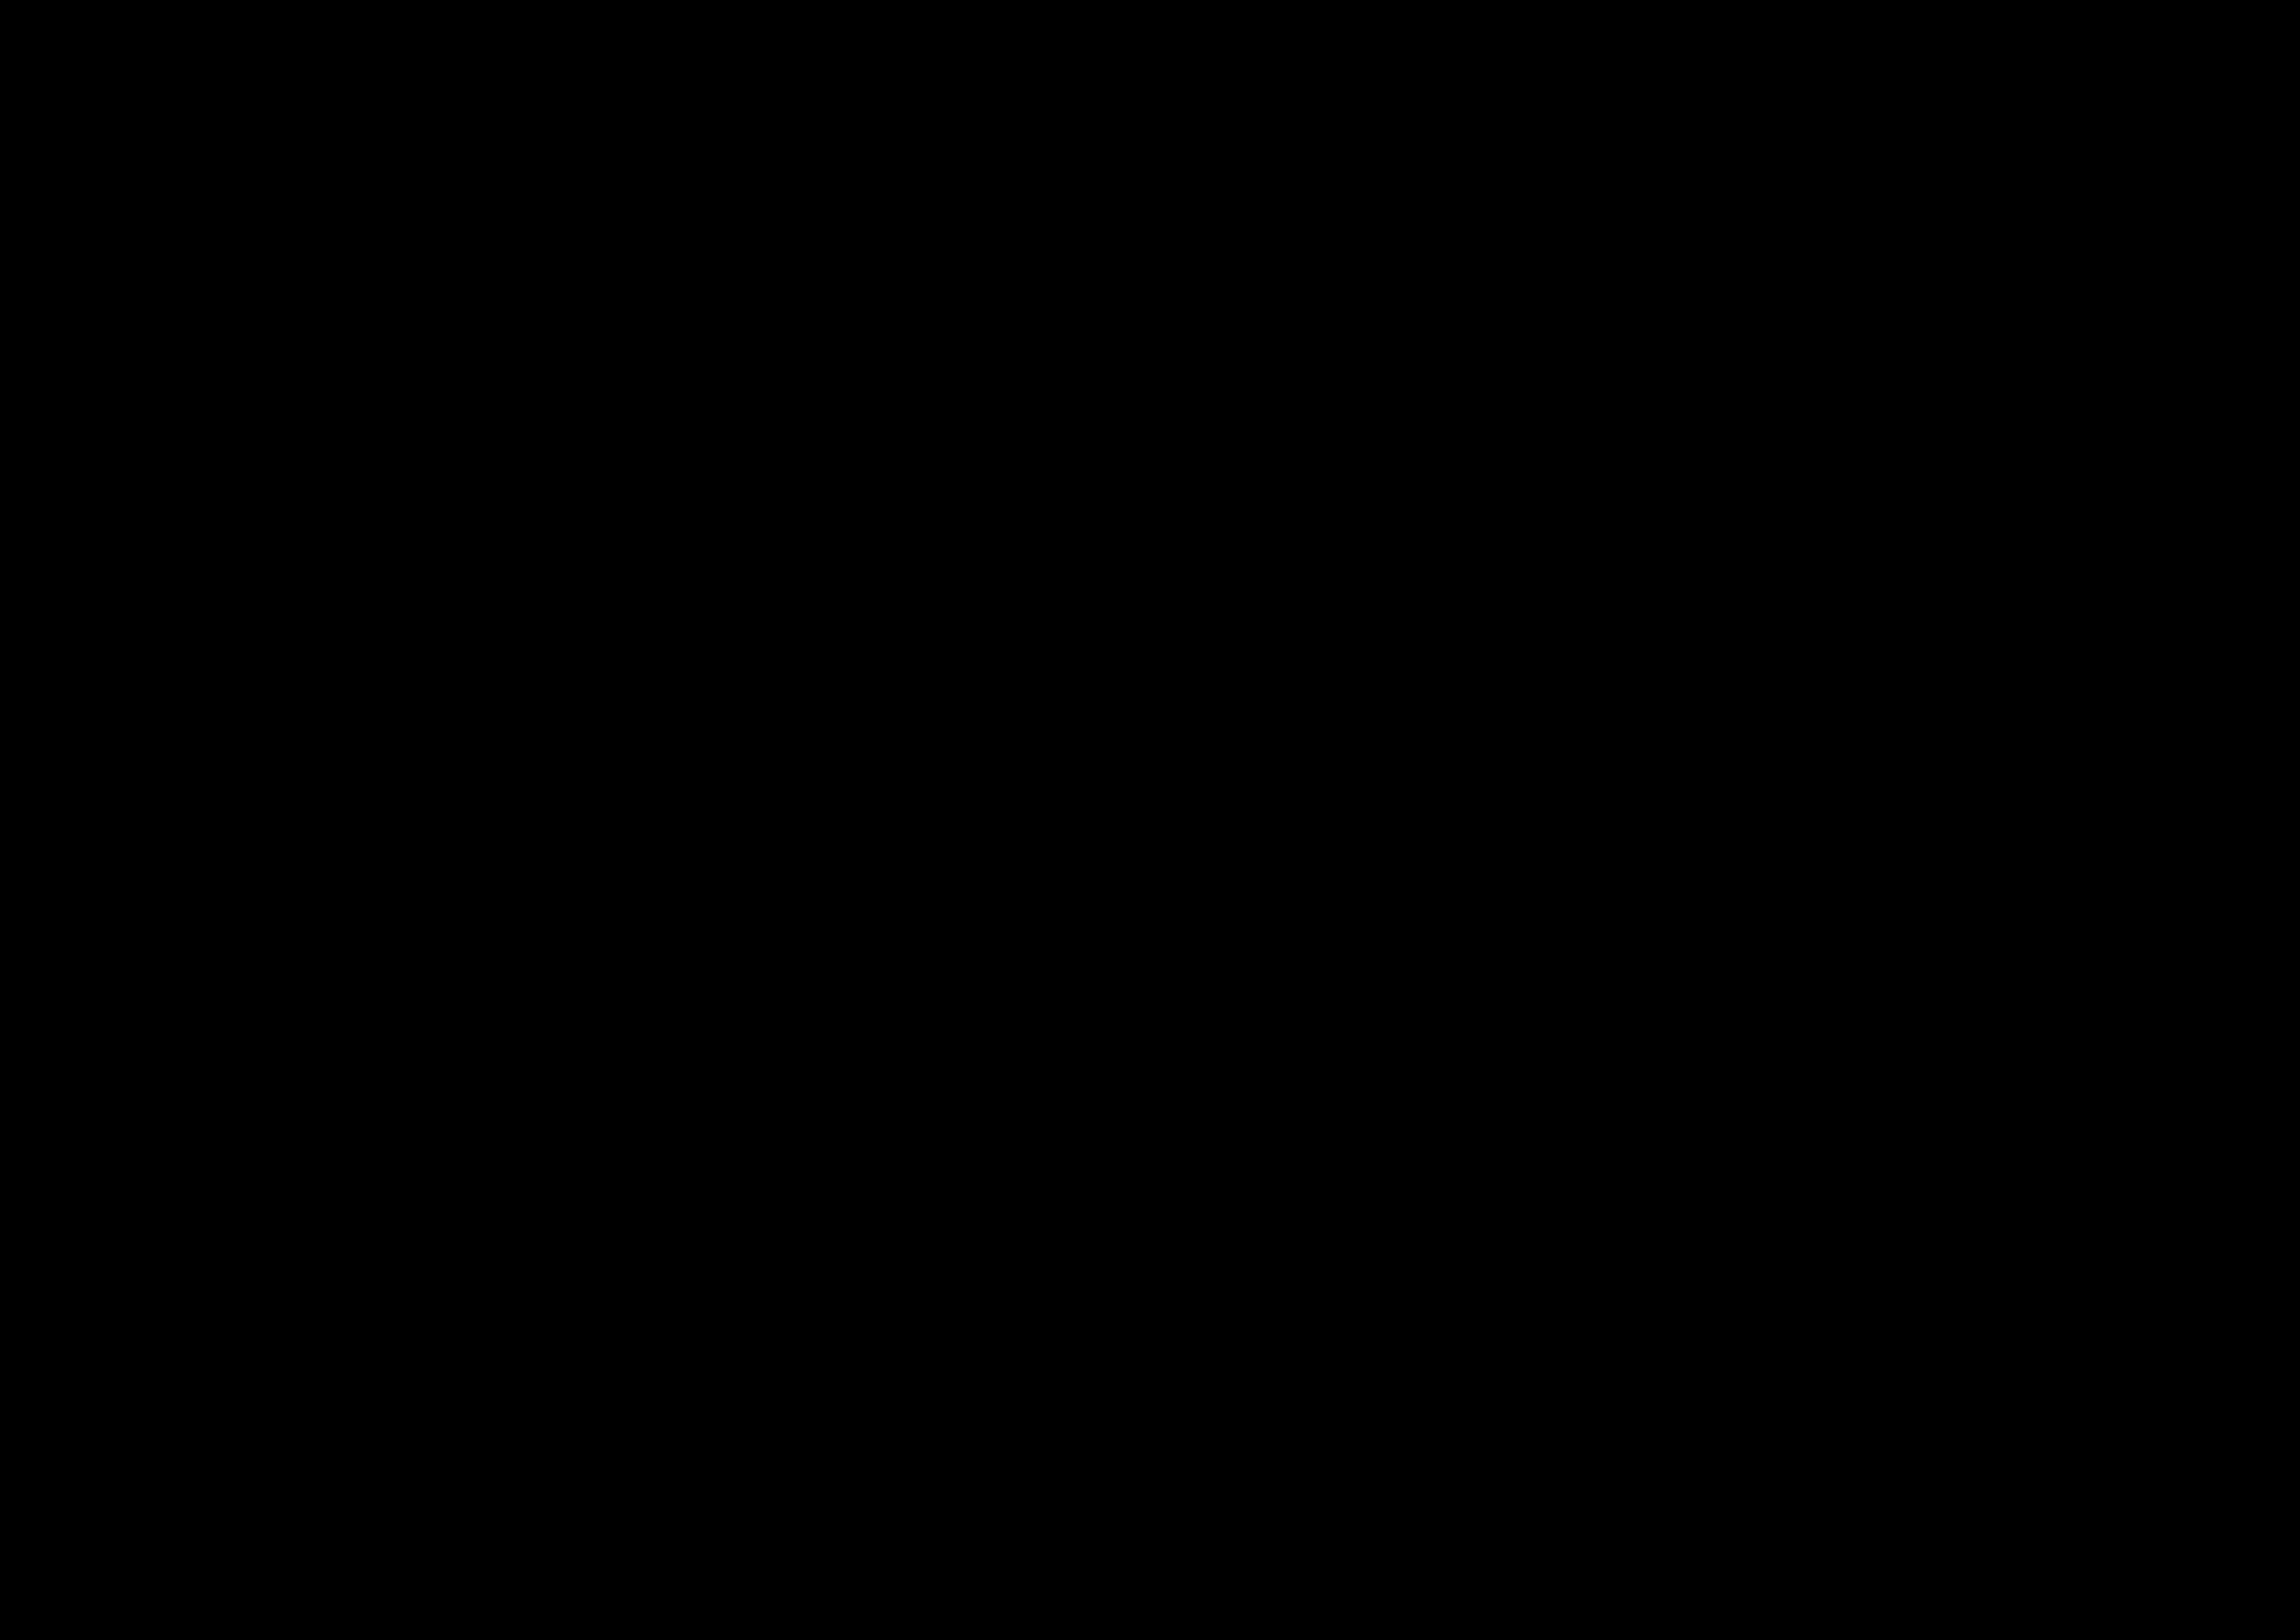 VISION - Logos-01.png